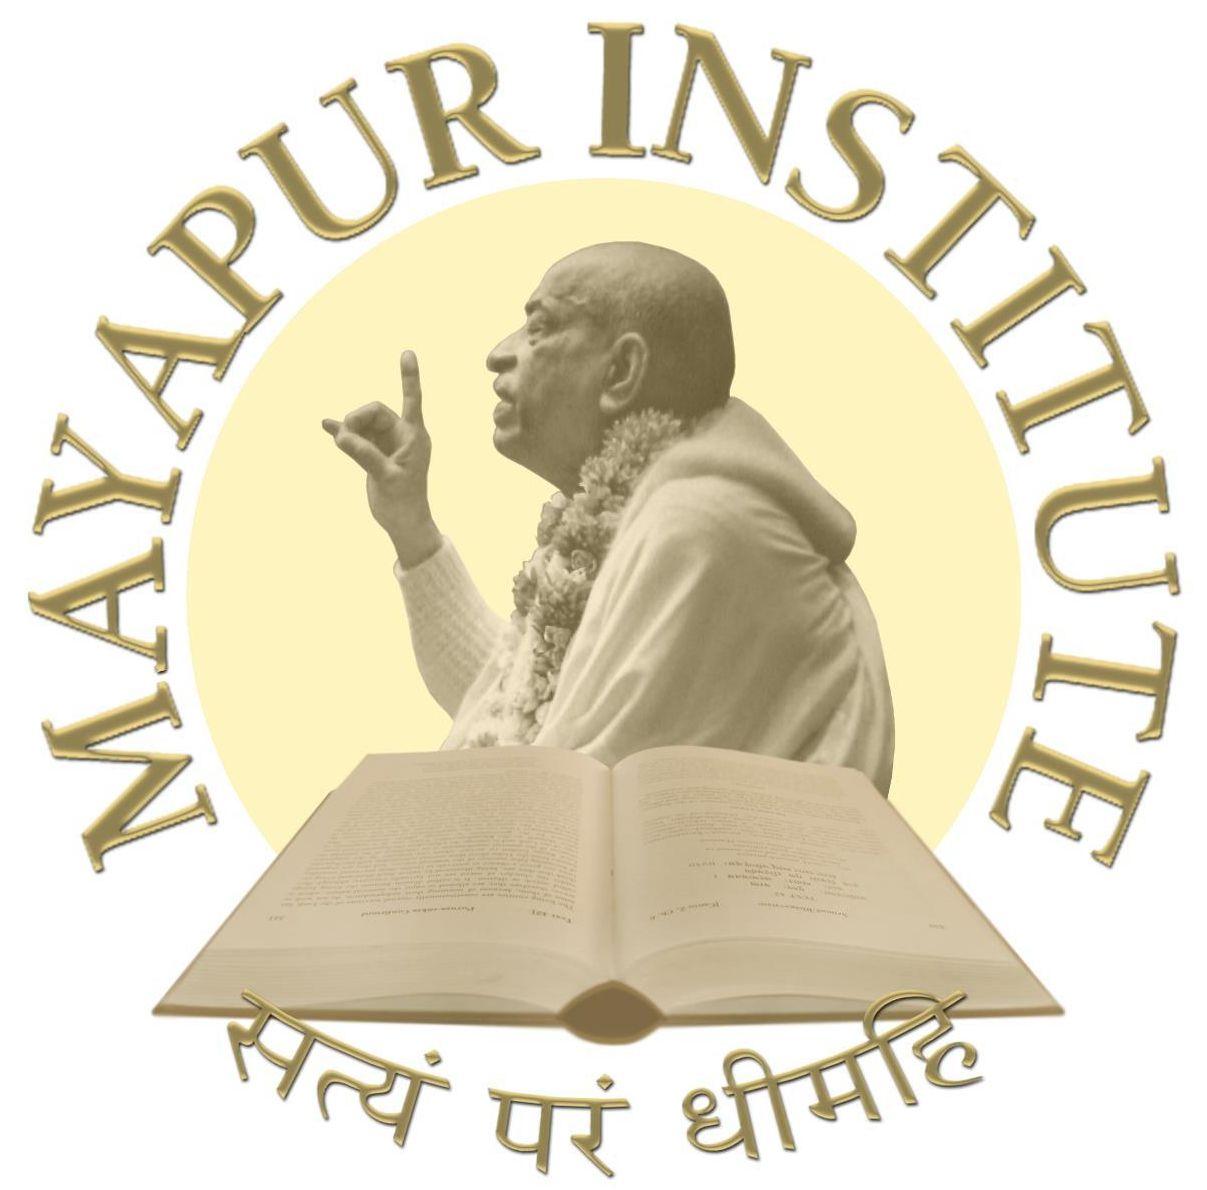 Бхакти-шастри.руководство по изучению